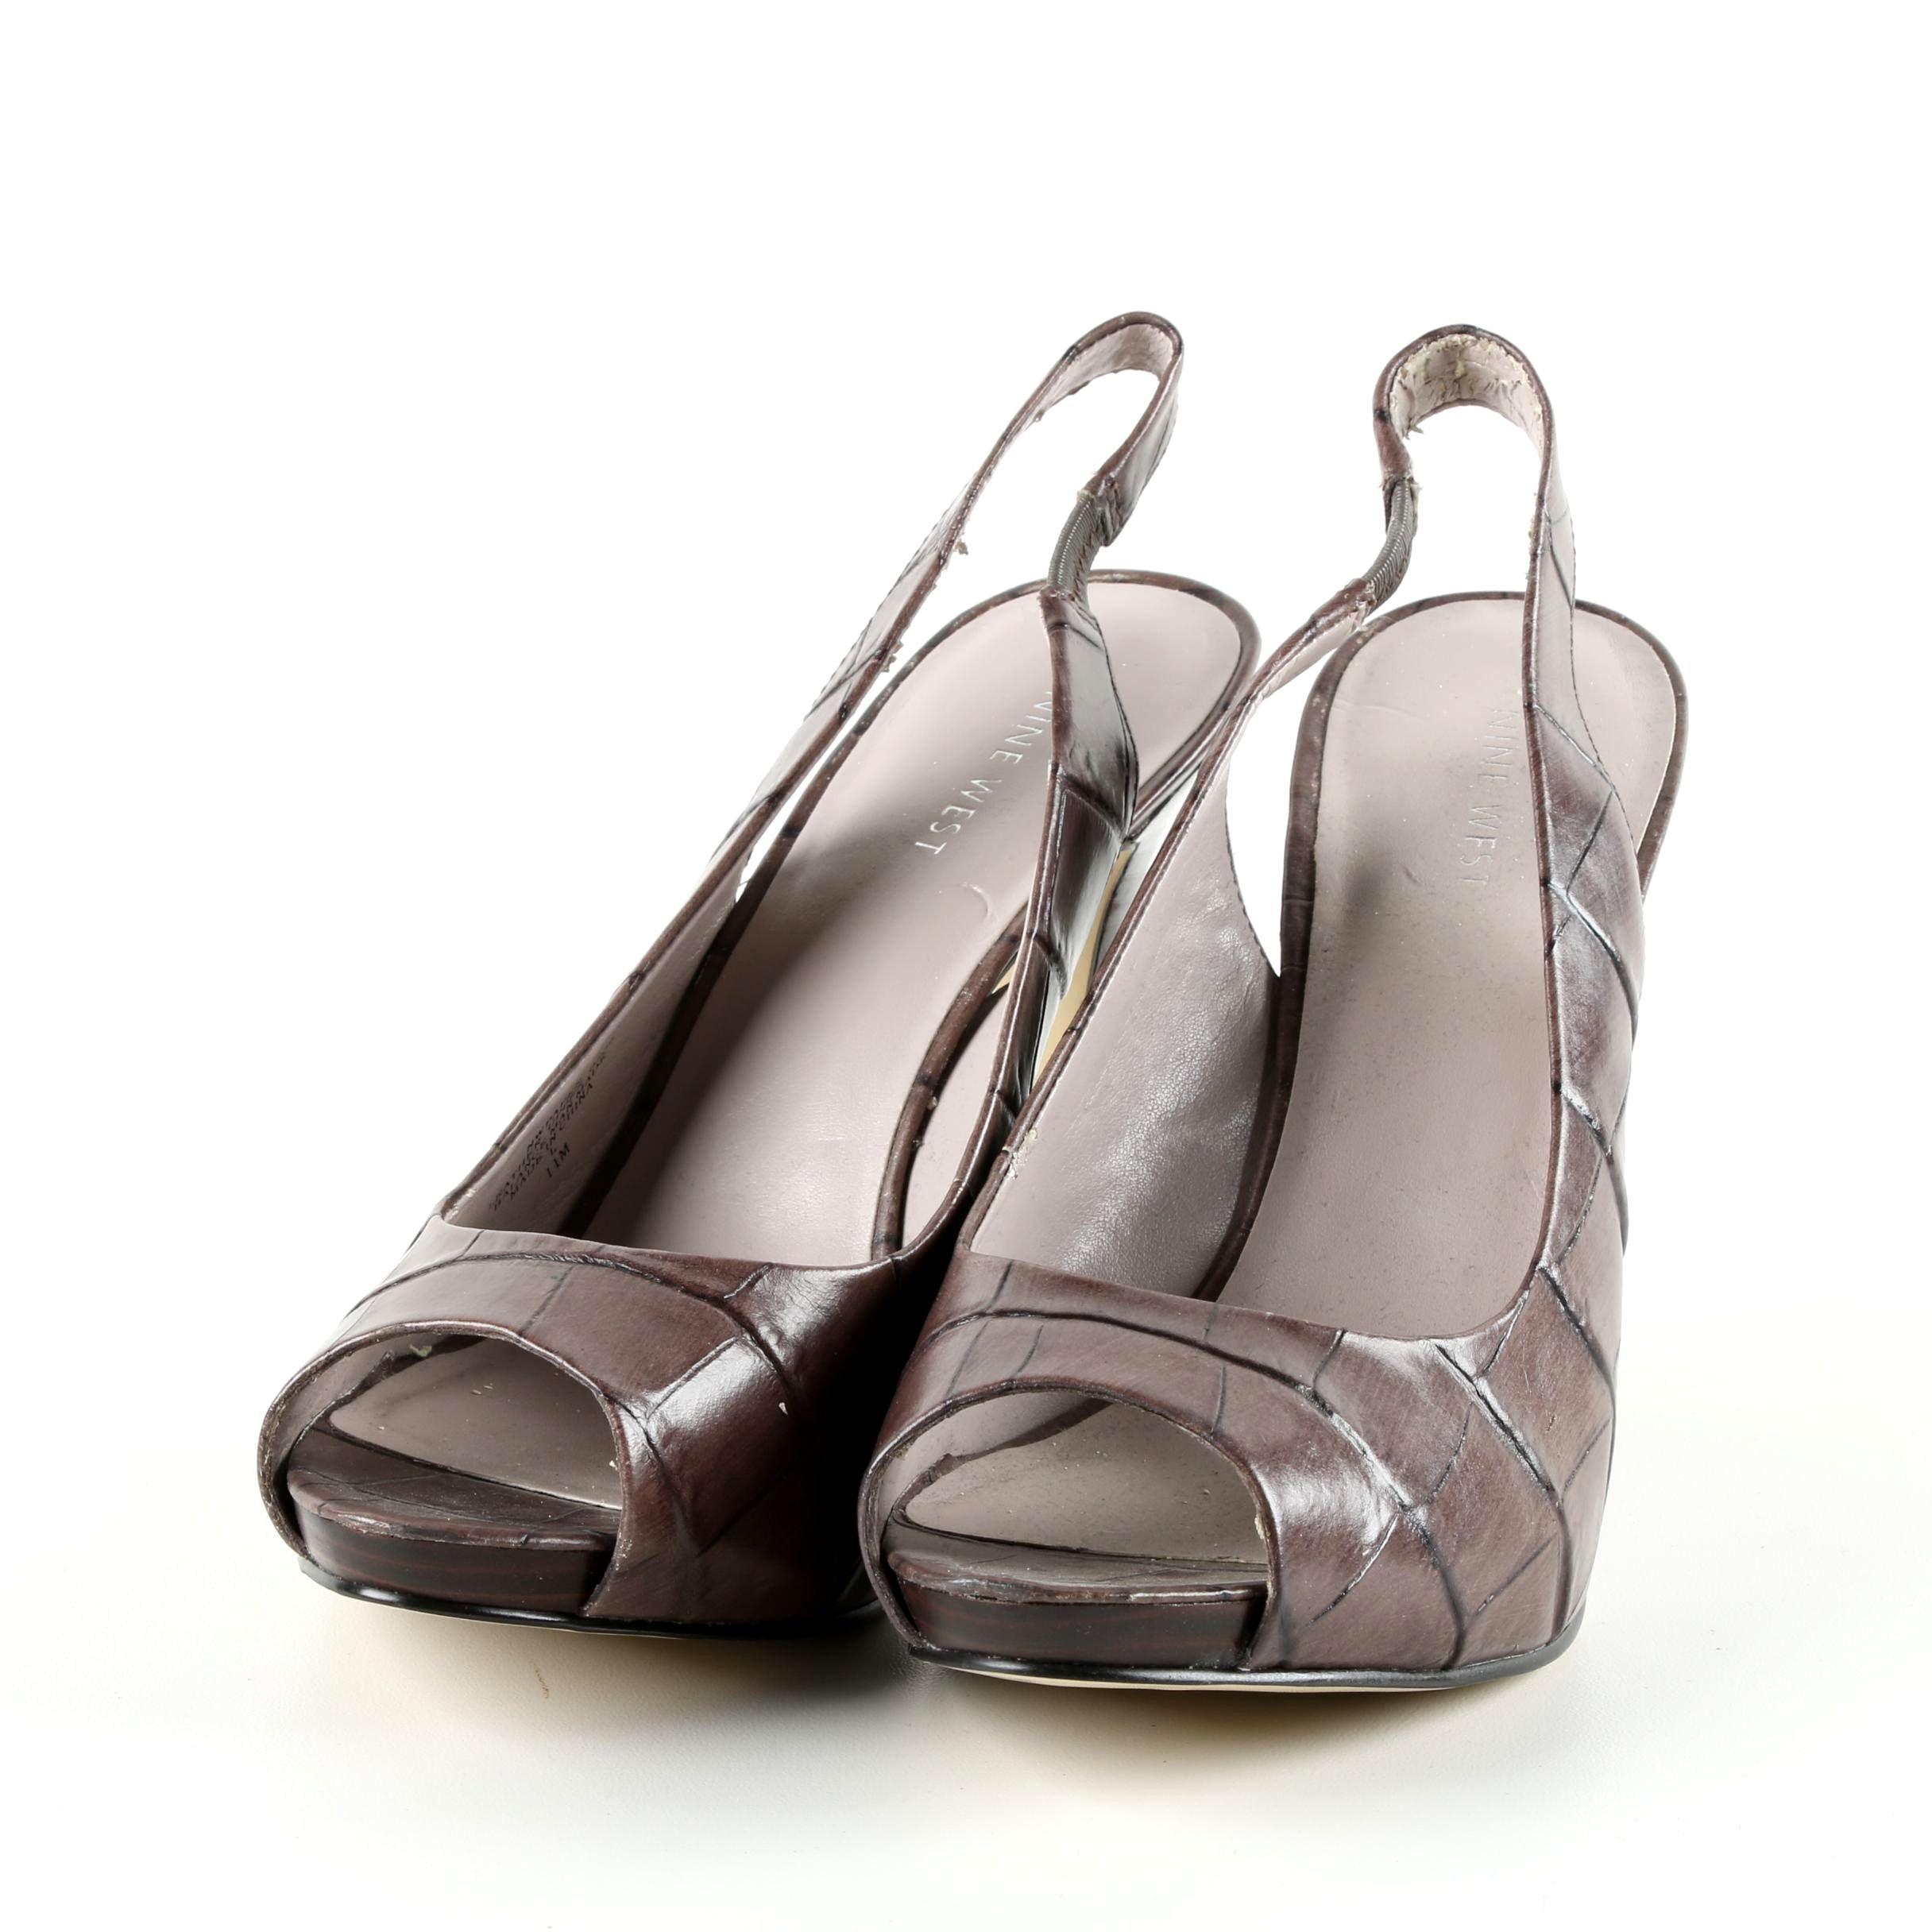 Nine West Taupe Embossed Leather Peep-Toe Slingback Pumps